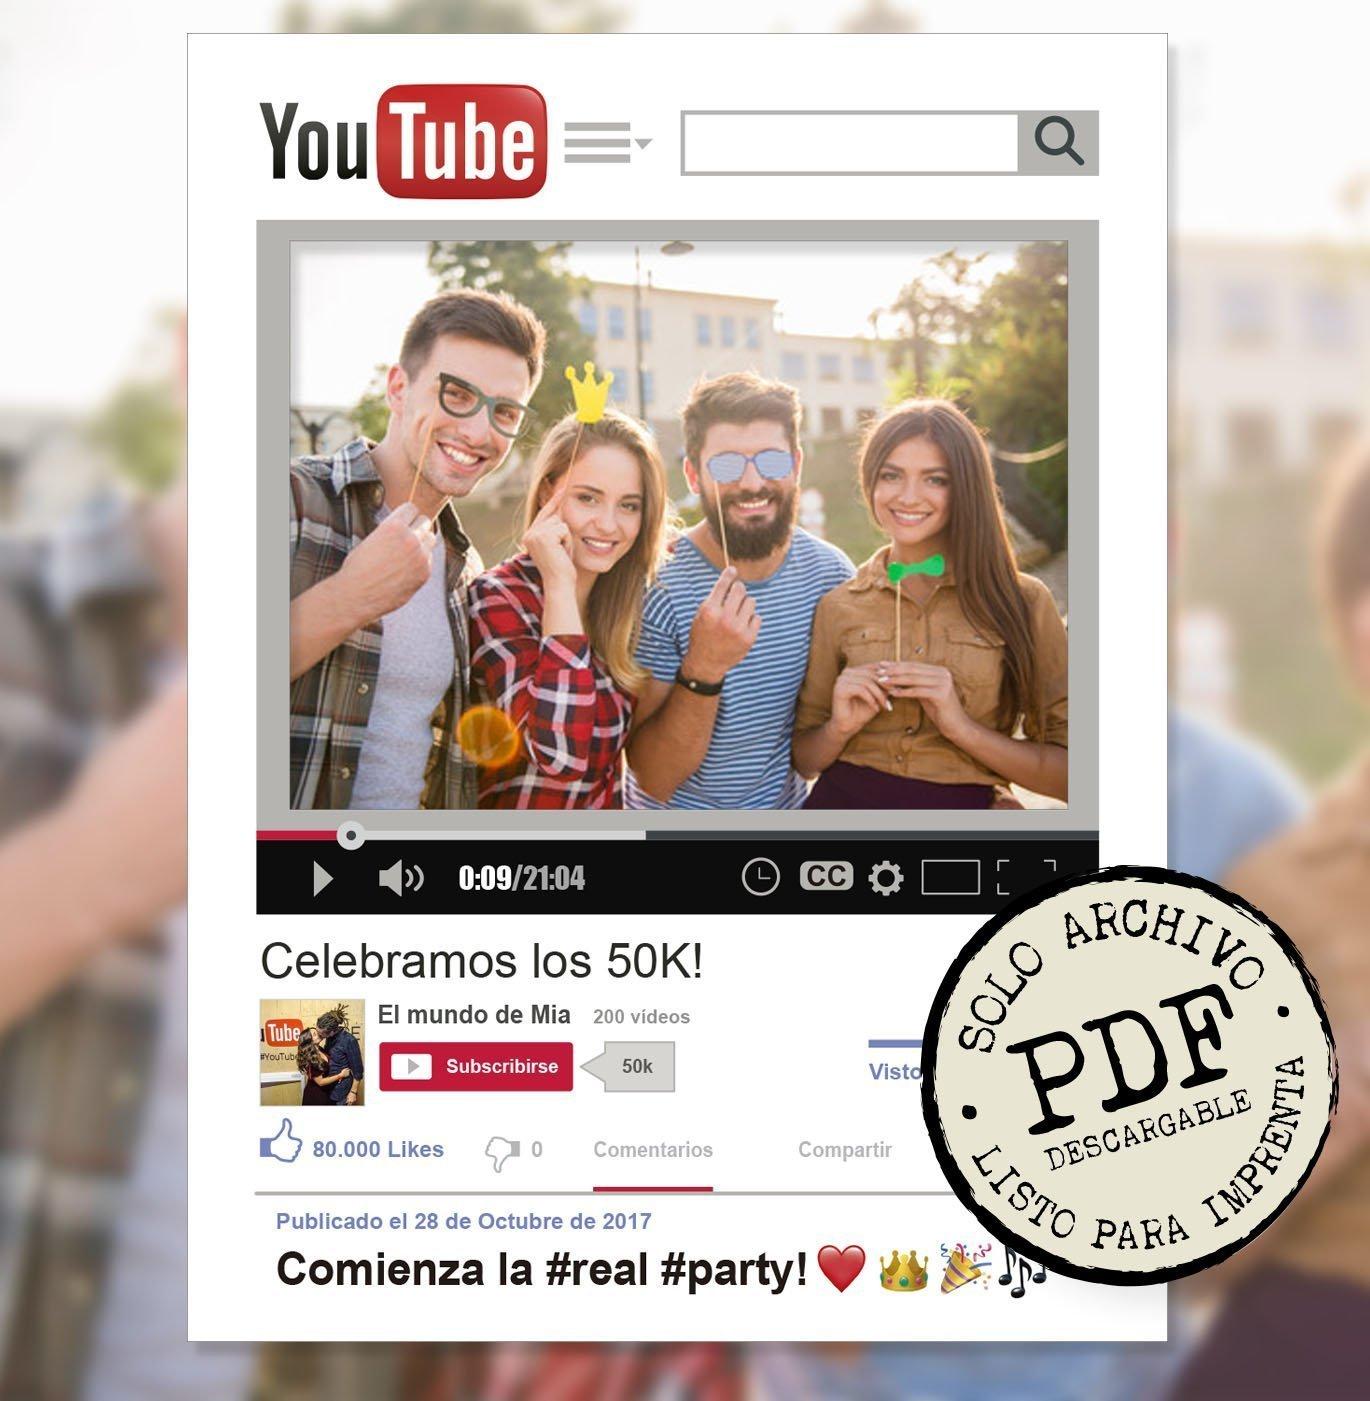 . PDF de Marco photocall DIY personalizado Facebook. Solo archivo PDF listo para imprimir